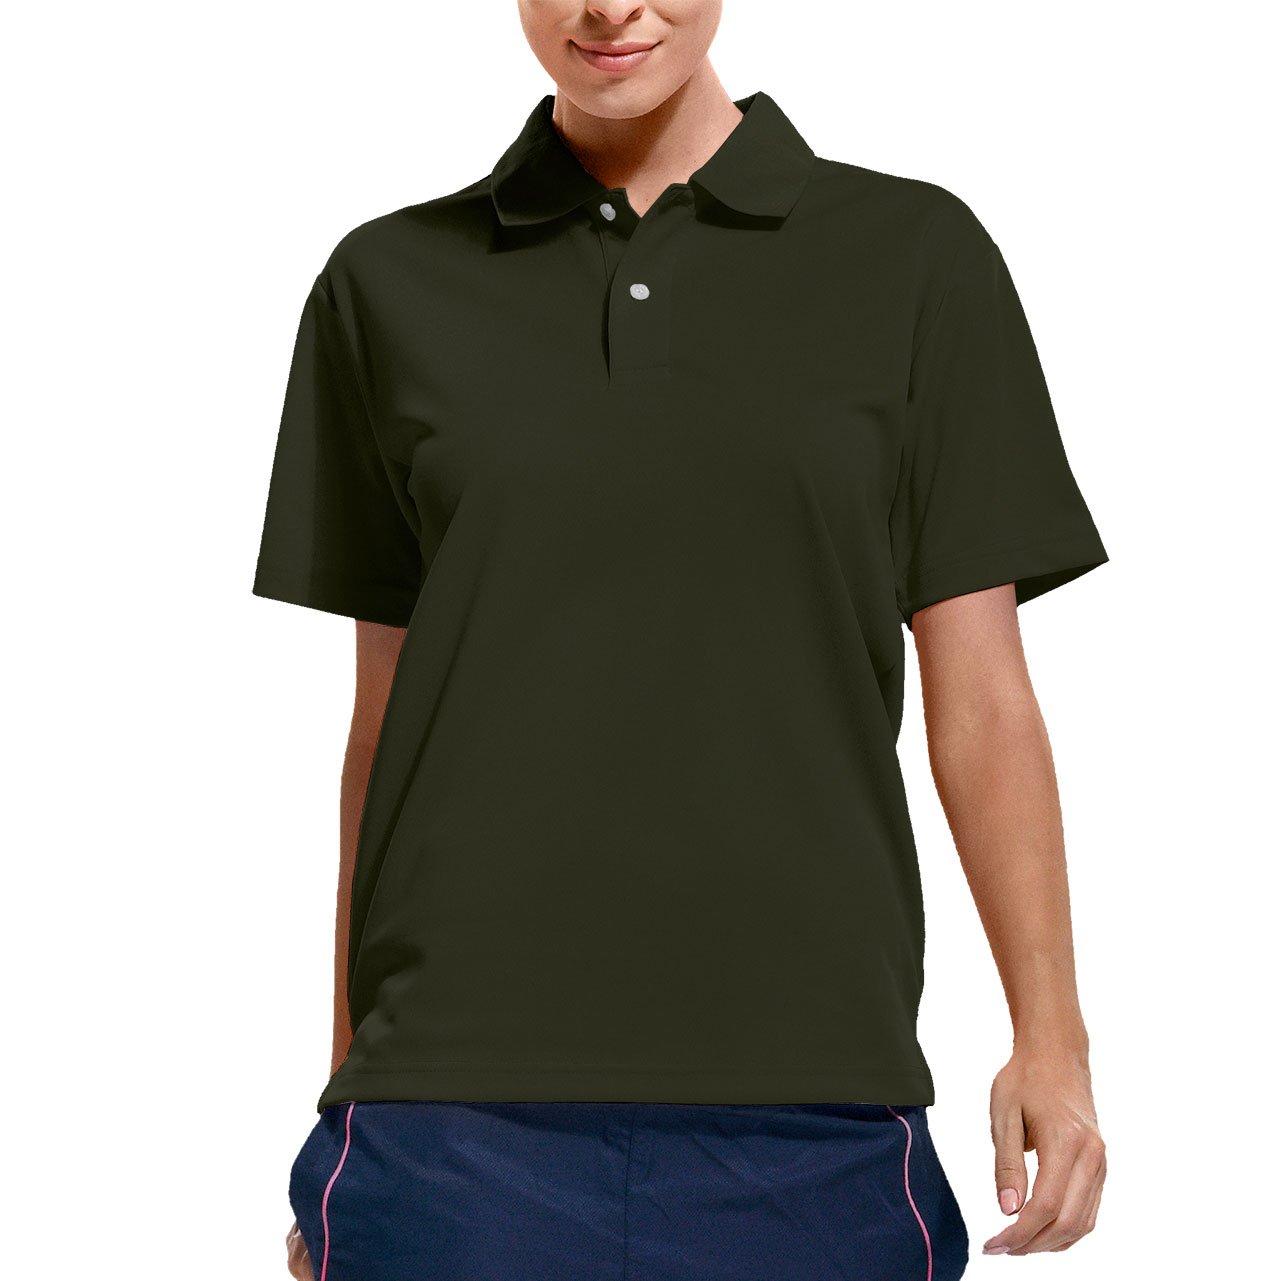 Wundou P335 - Polo para Hombre (Talla XL), Color Verde Oliva ...